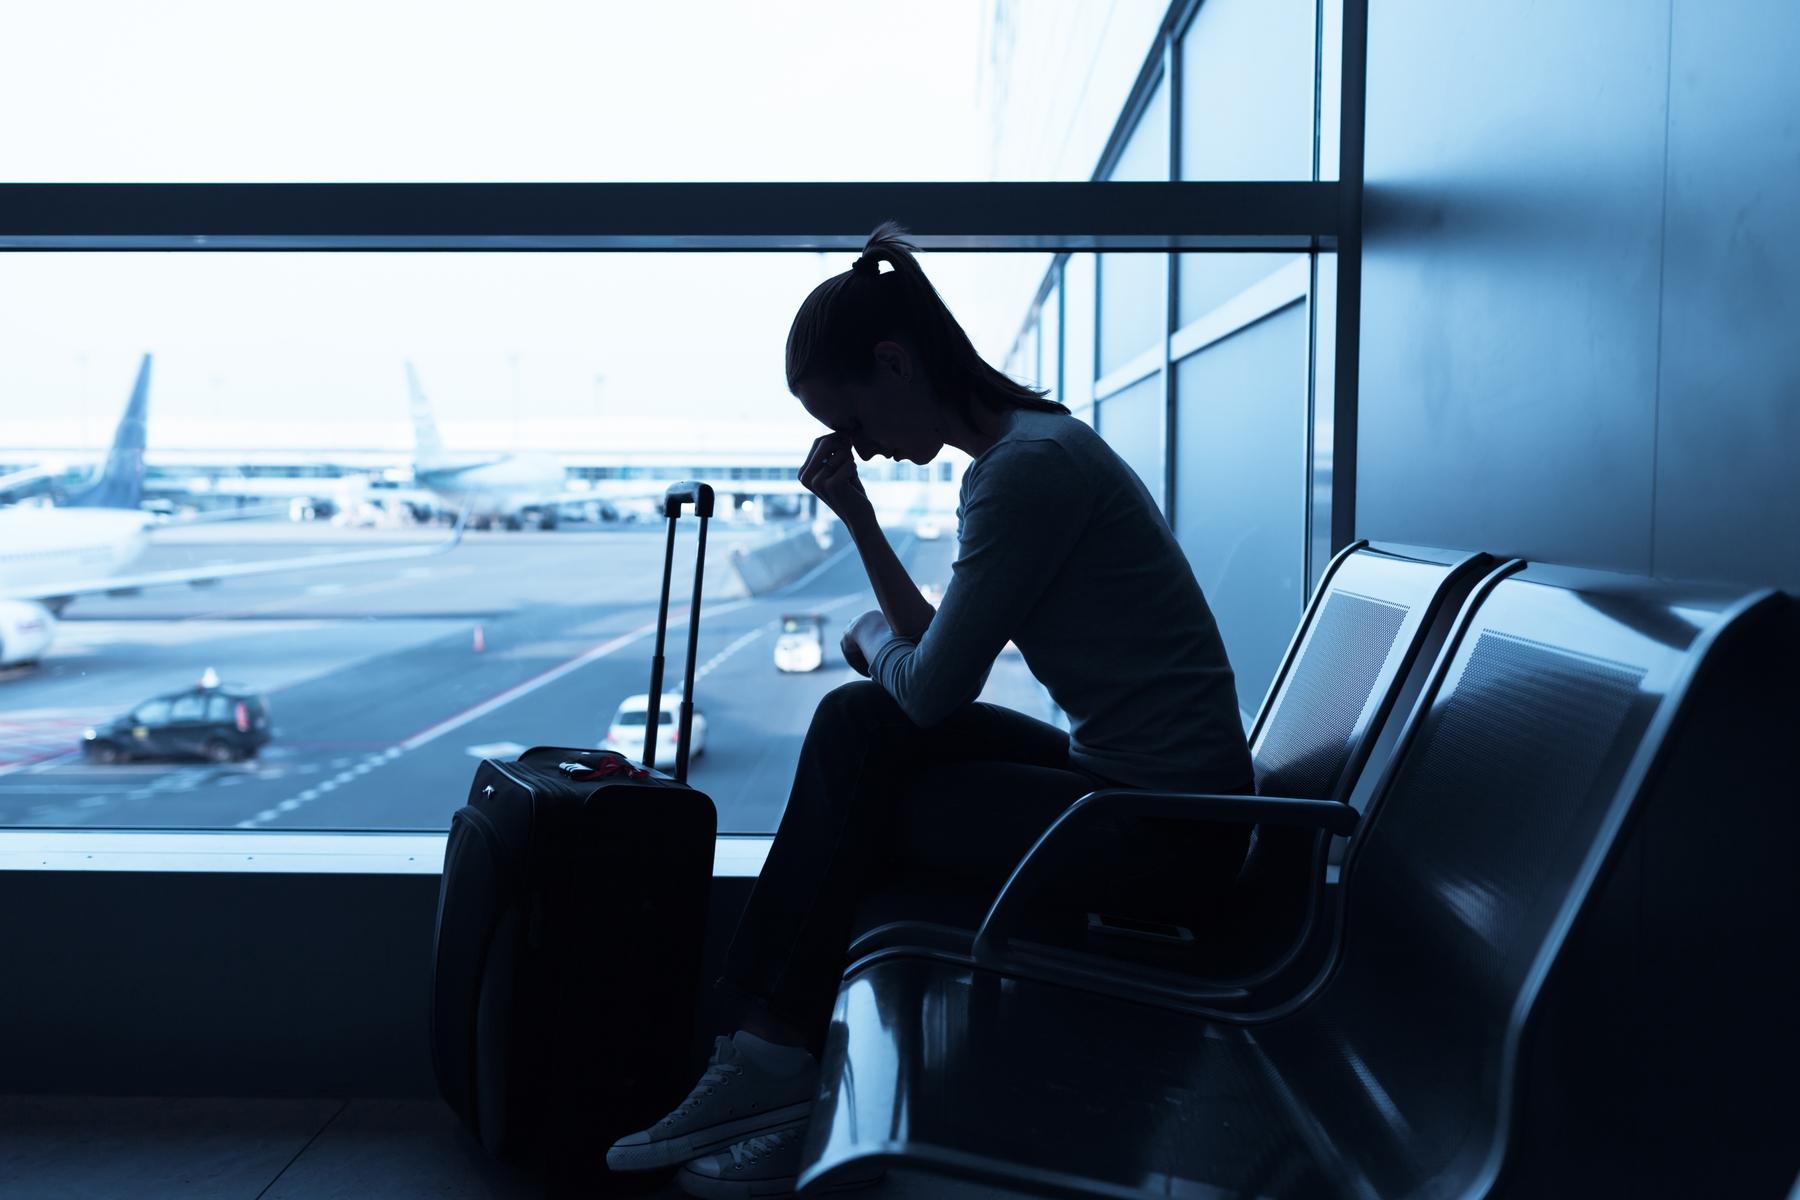 大多數國家入境時若檢測結果為陰性始可入境,若結果為陽性,旅客須在指定處所隔離至多14天